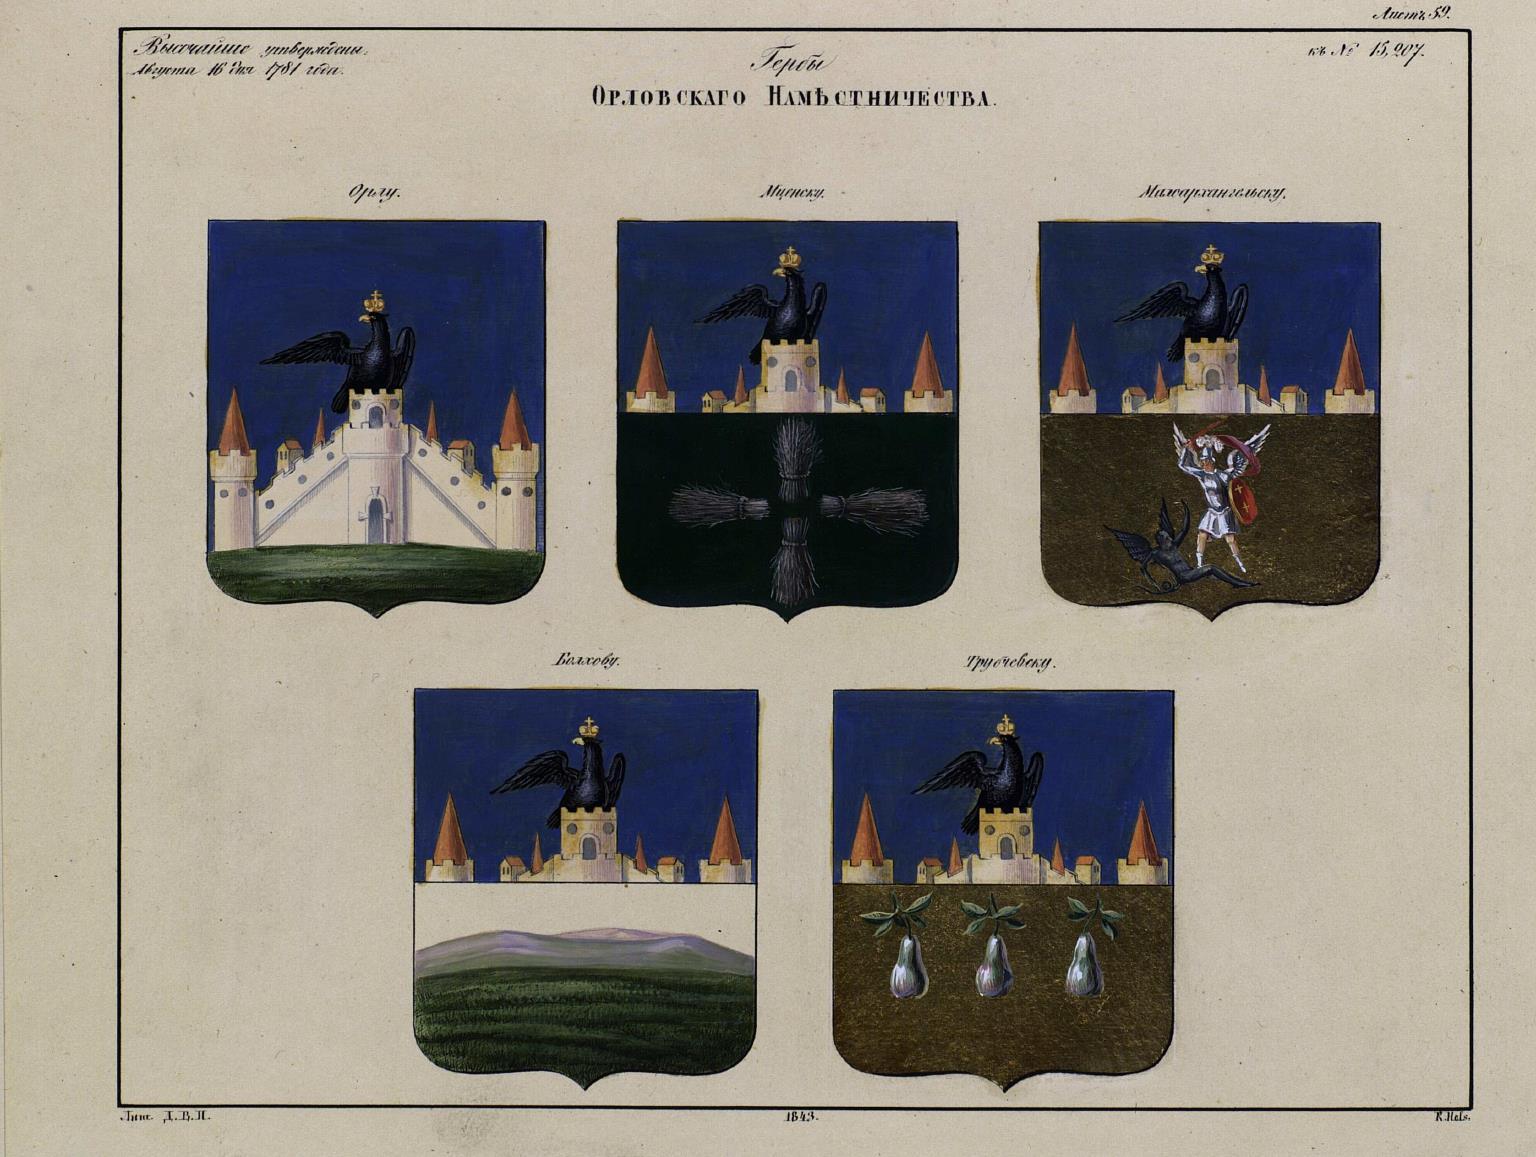 1843. Рисунки гербам городов Российской империи, принадлежащие к 1-му собранию законов. Часть 3